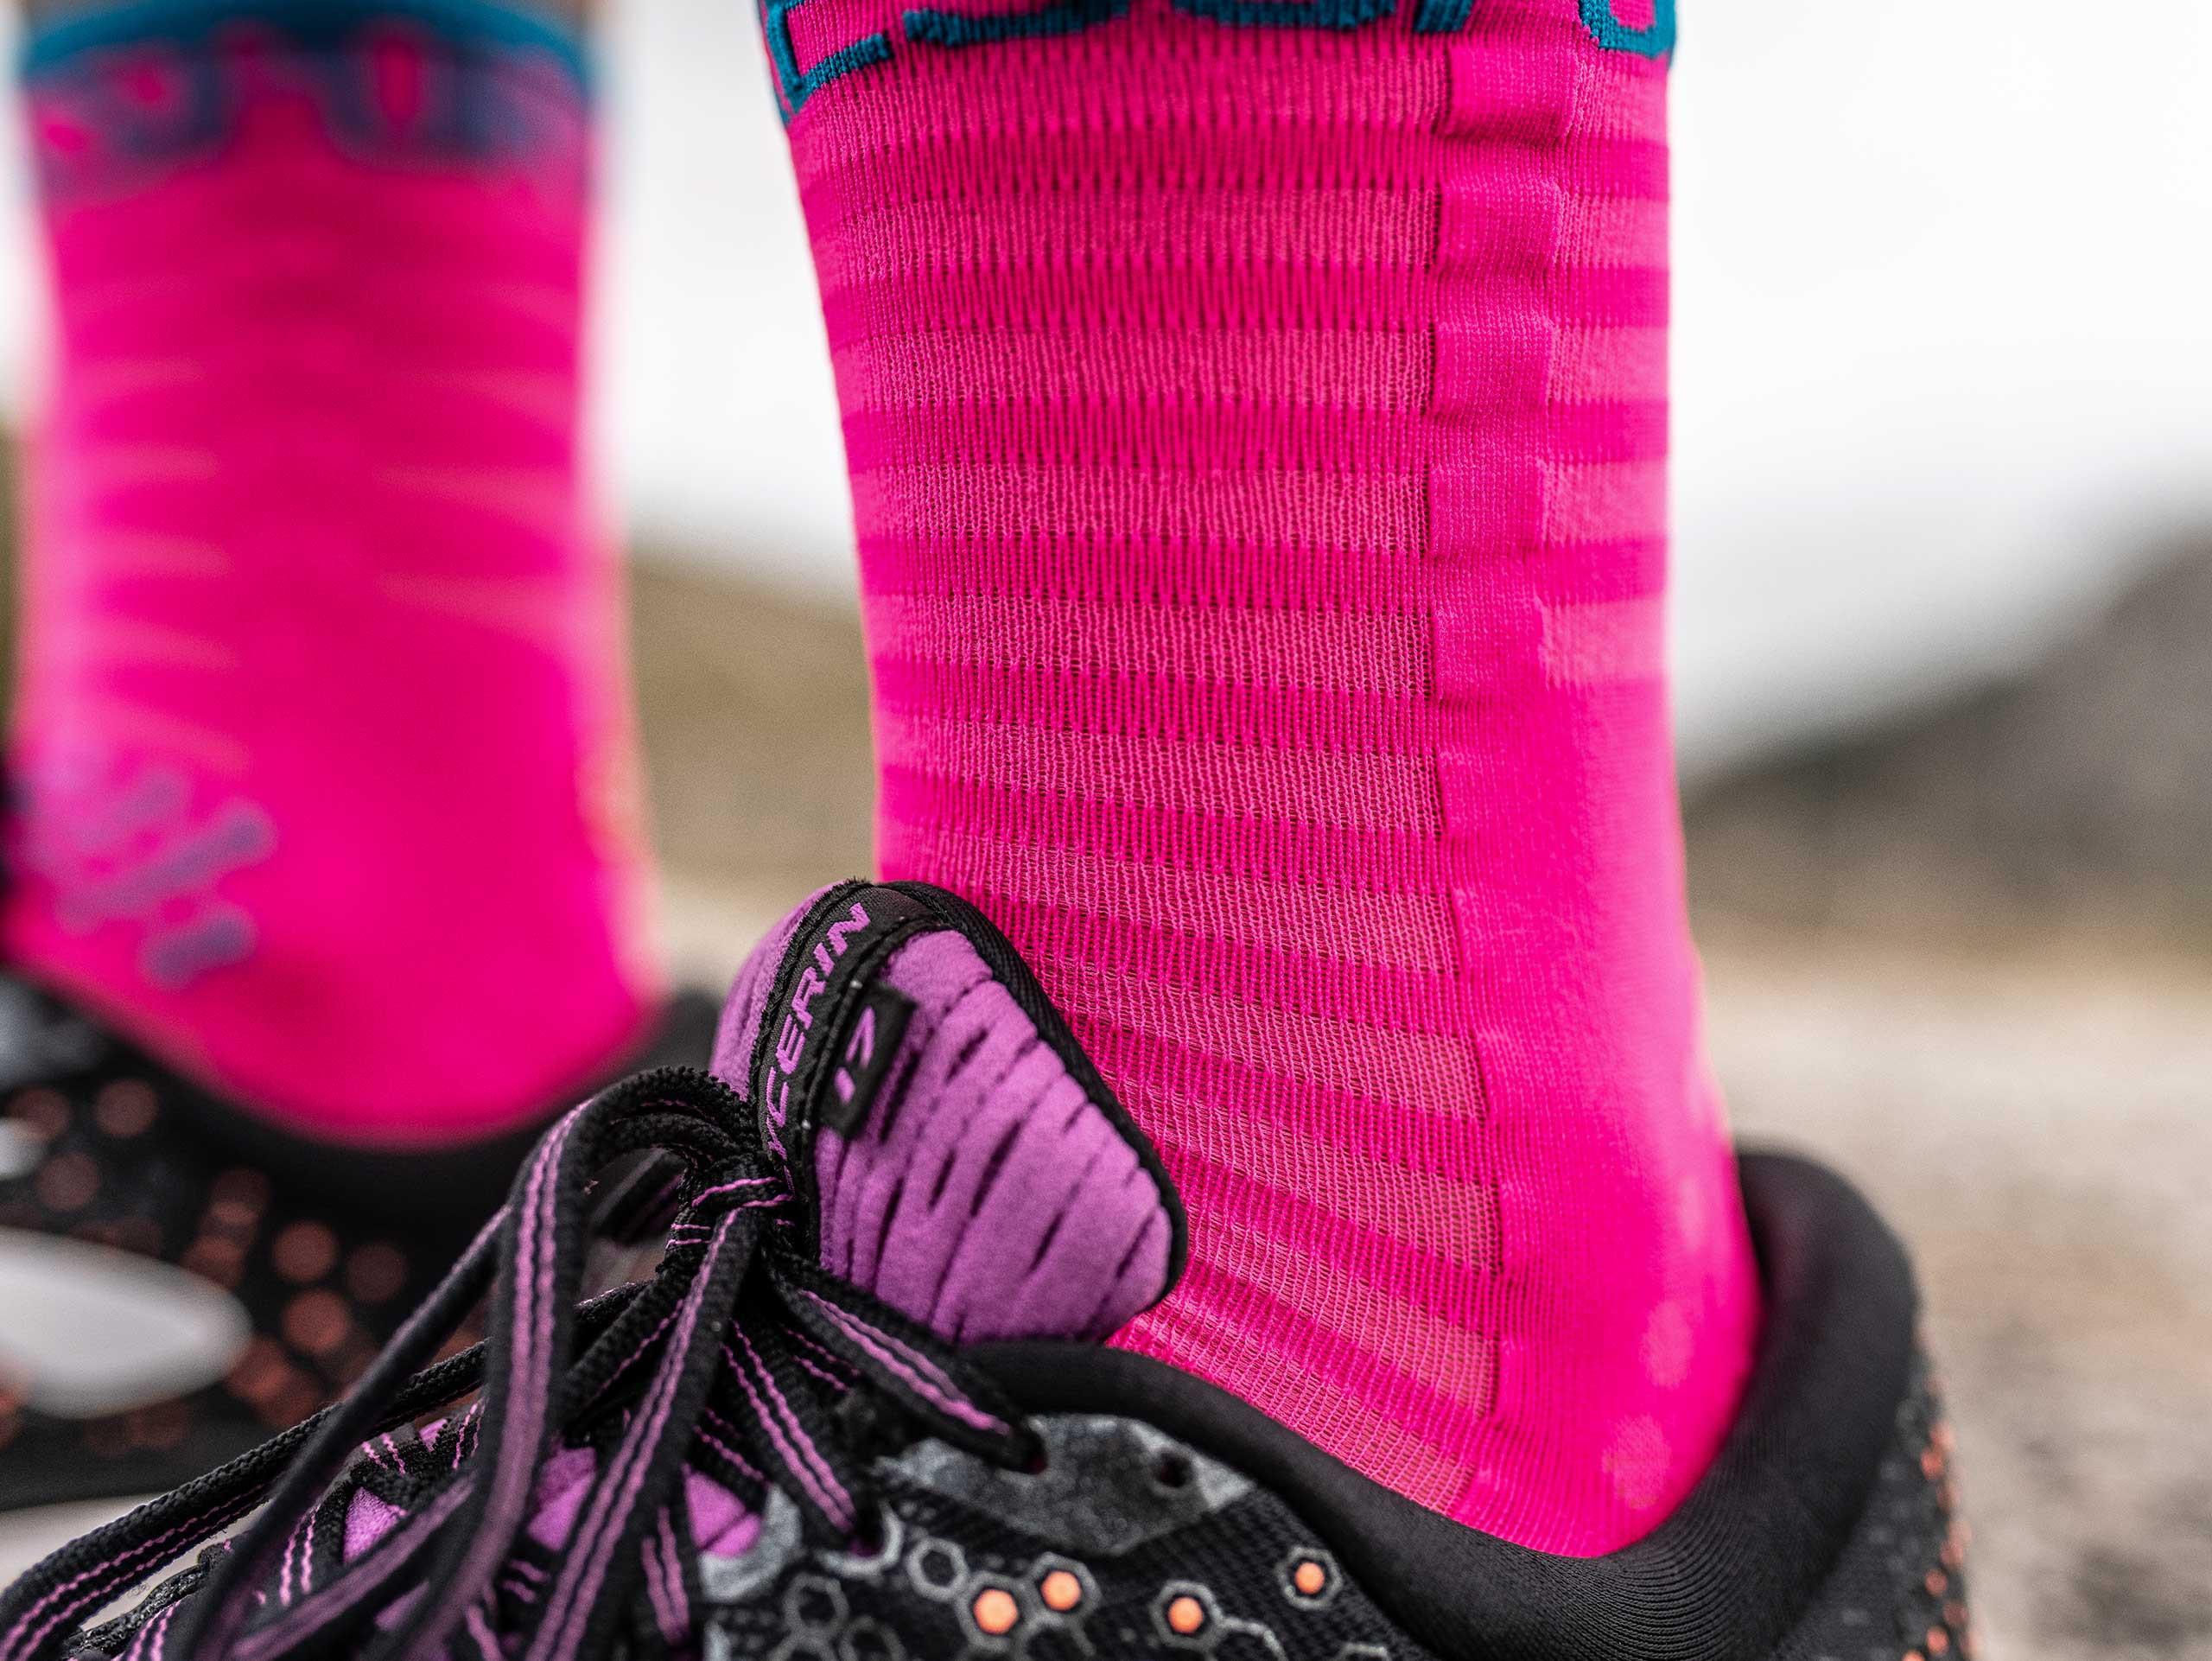 Calzini da gara professionali v3.0 Ultralight Run High rosa fluo